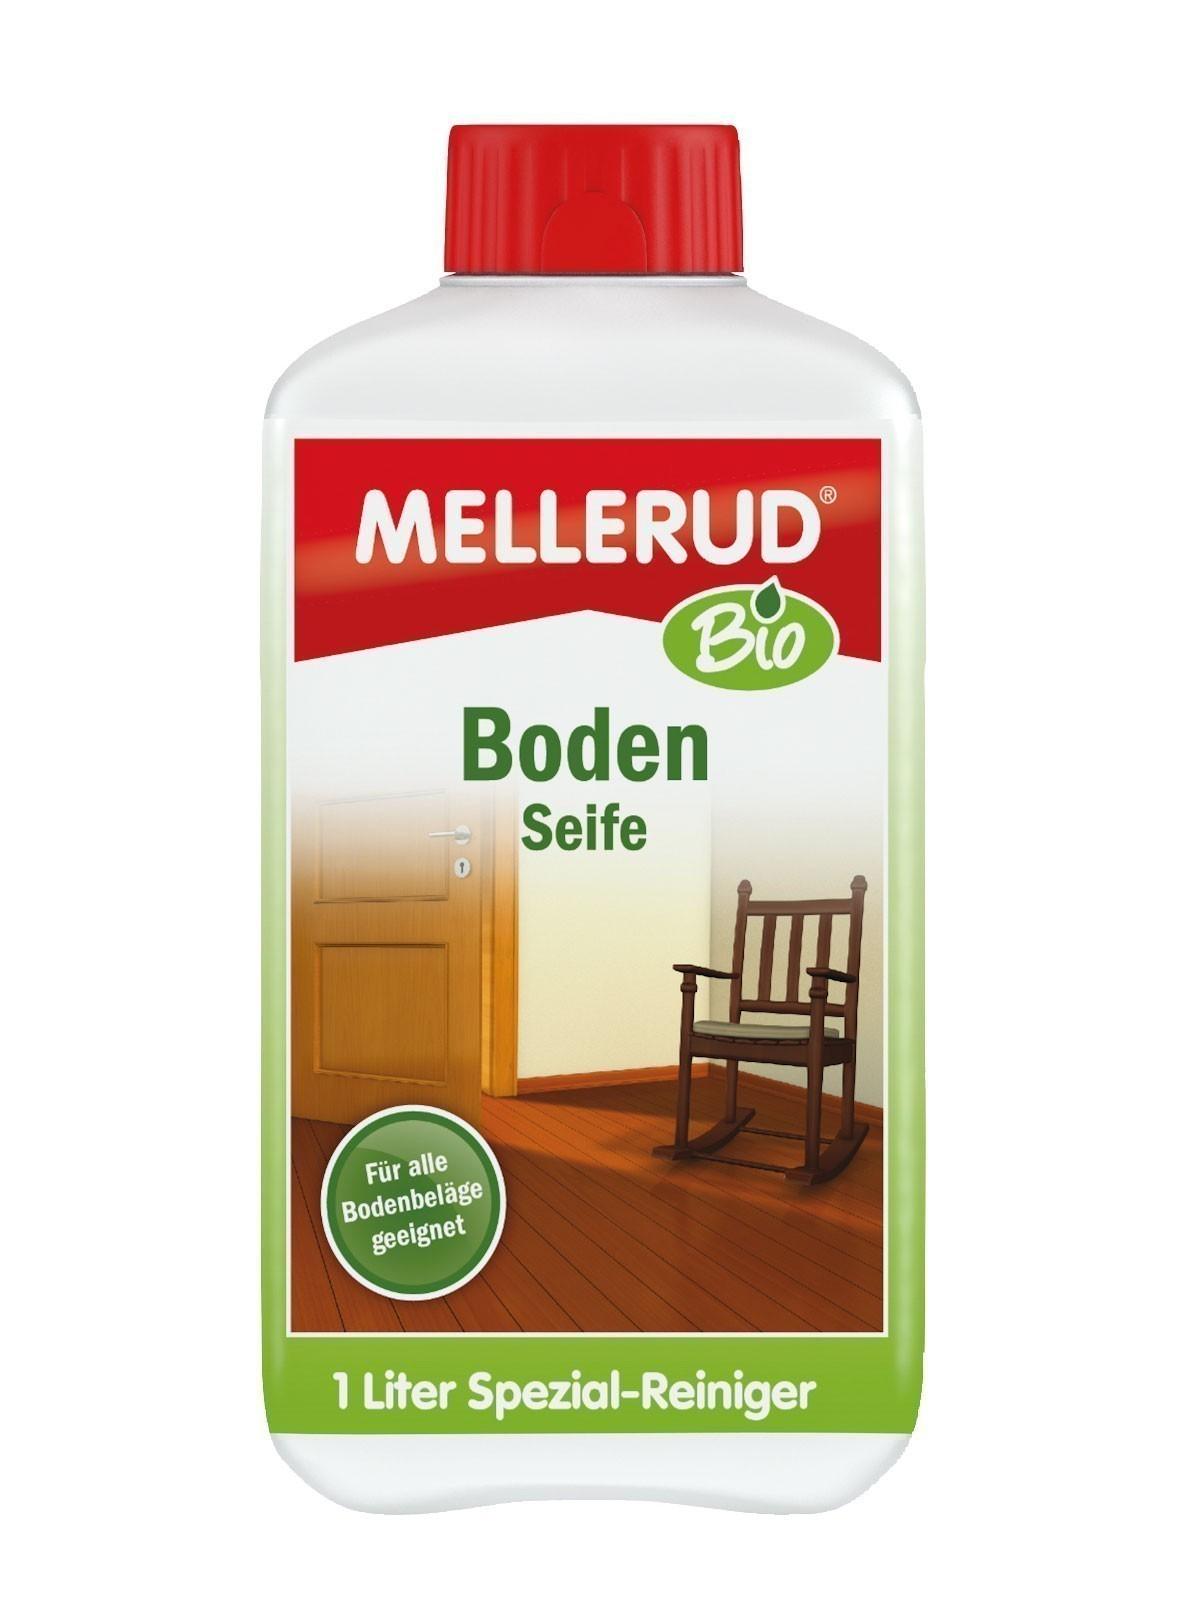 MELLERUD BIO Boden Seife 1 Liter Bild 1